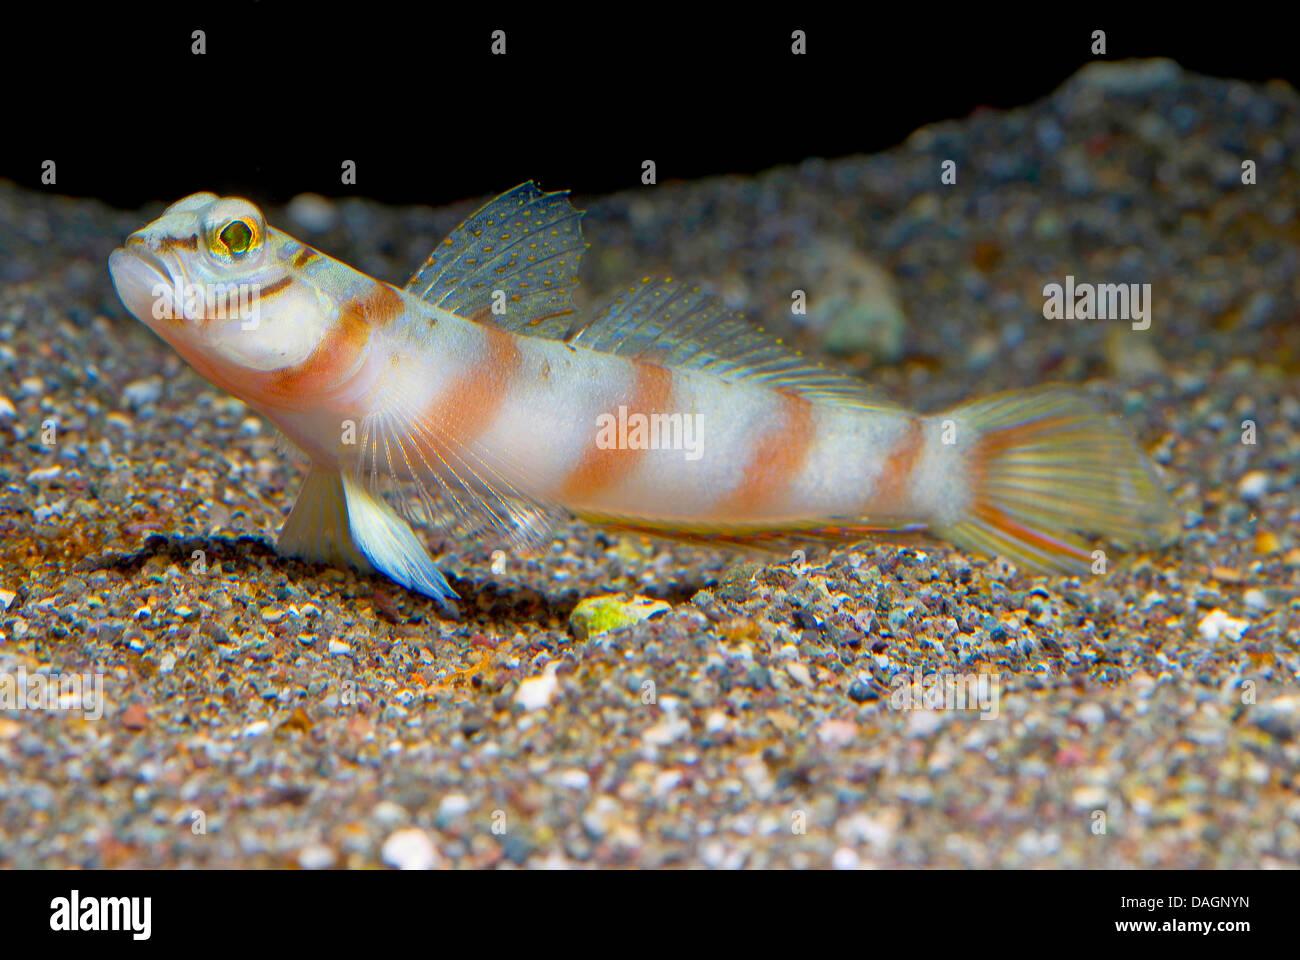 Diamond Diagonal Bar Prawn Goby  (Amblyeleotris diagonalis), on sediment - Stock Image